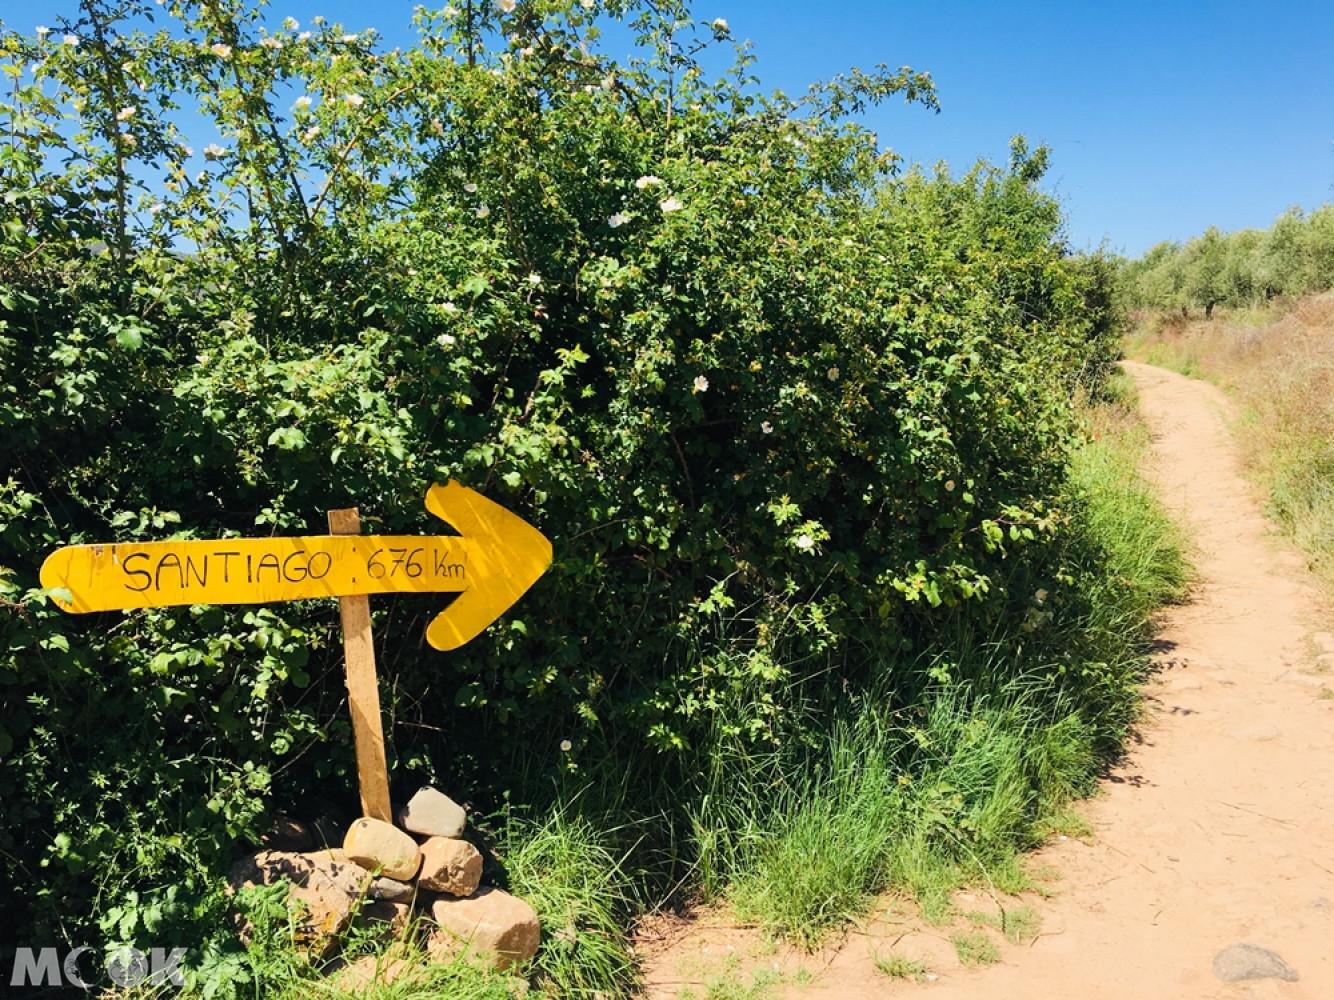 朝聖之路的象徵標誌